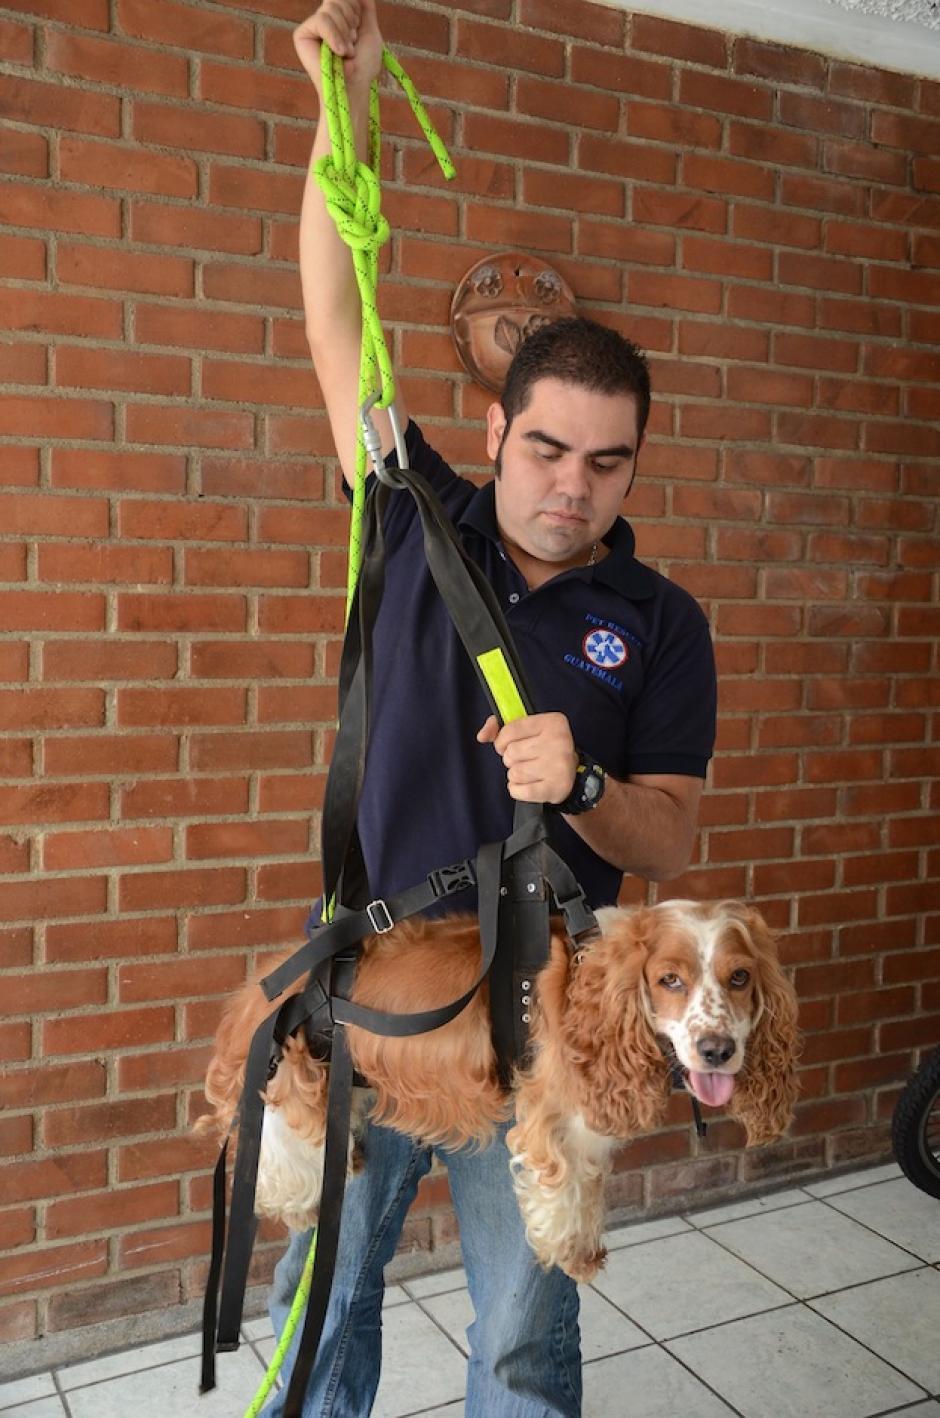 Donald Piedrasanta nos muestra como funcionan los implementos de rescate de mascotas; Jack es un modelo muy educado. (Foto: Selene Mejía/Soy502)